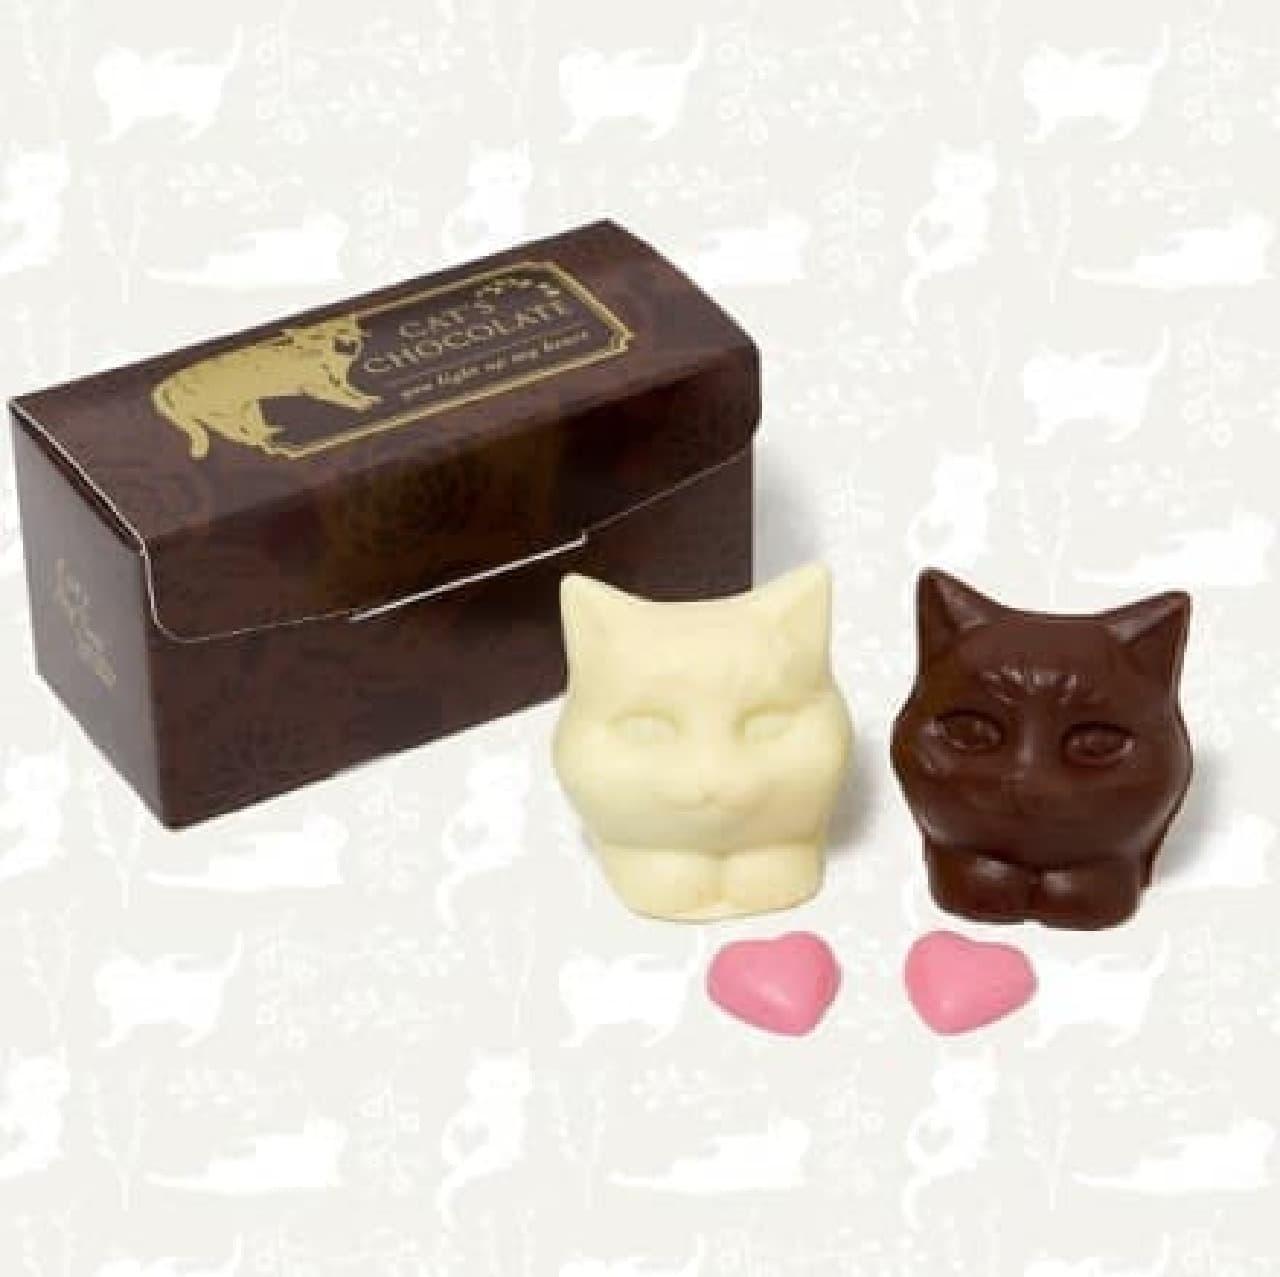 アフタヌーンティー・ティールーム「キャッツチョコレート」